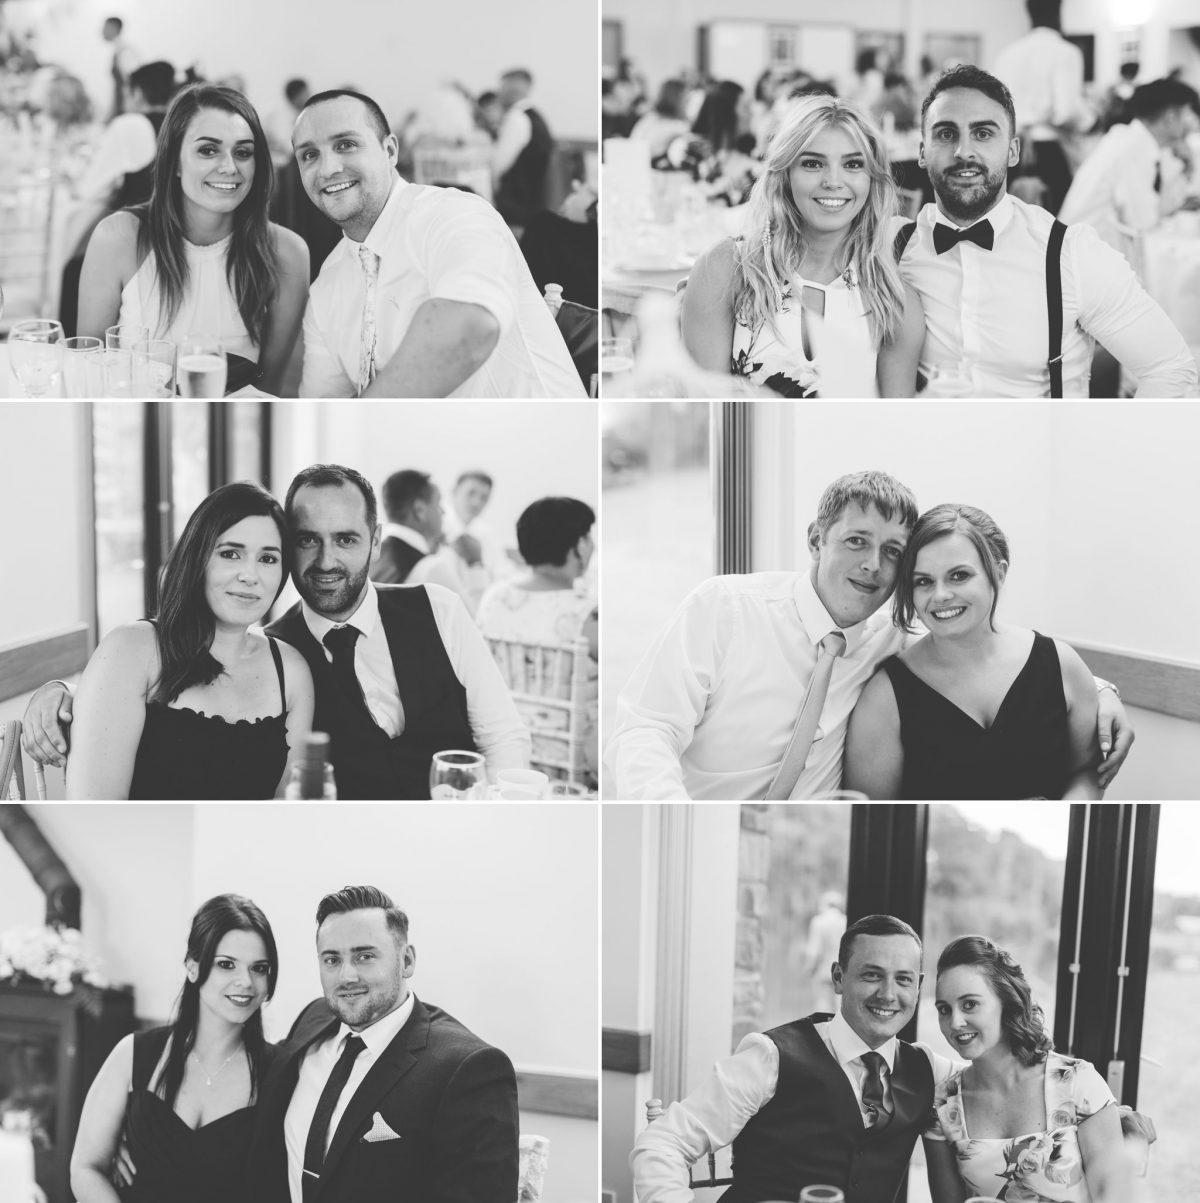 welsh_wedding_photographer_rachel_lambert_photography_canada_lake_lodge_michaela_haydn_ 85